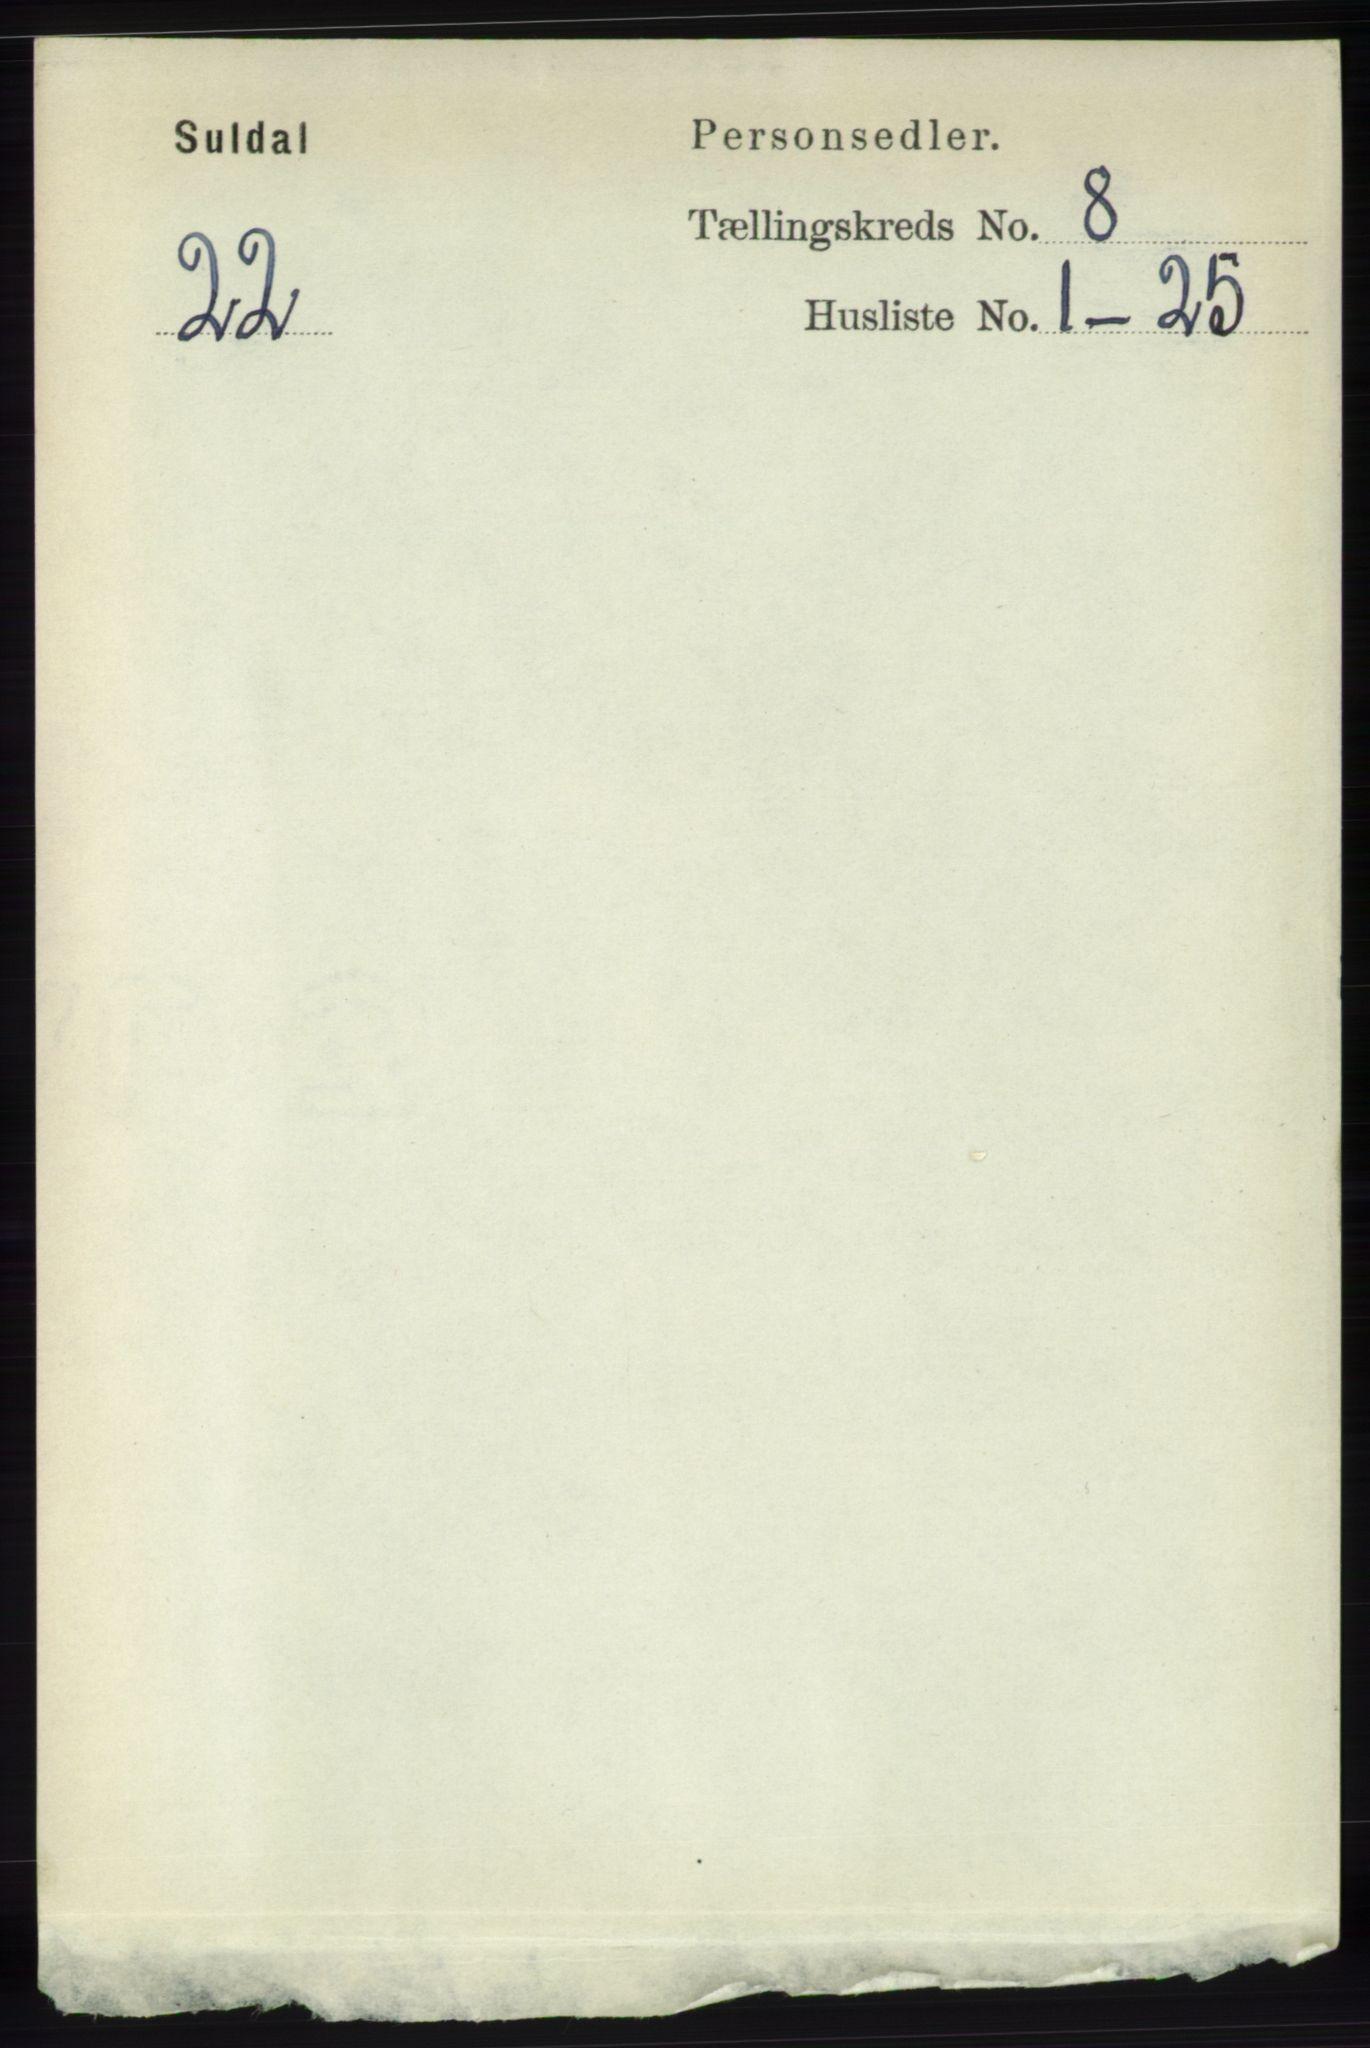 RA, Folketelling 1891 for 1134 Suldal herred, 1891, s. 2295